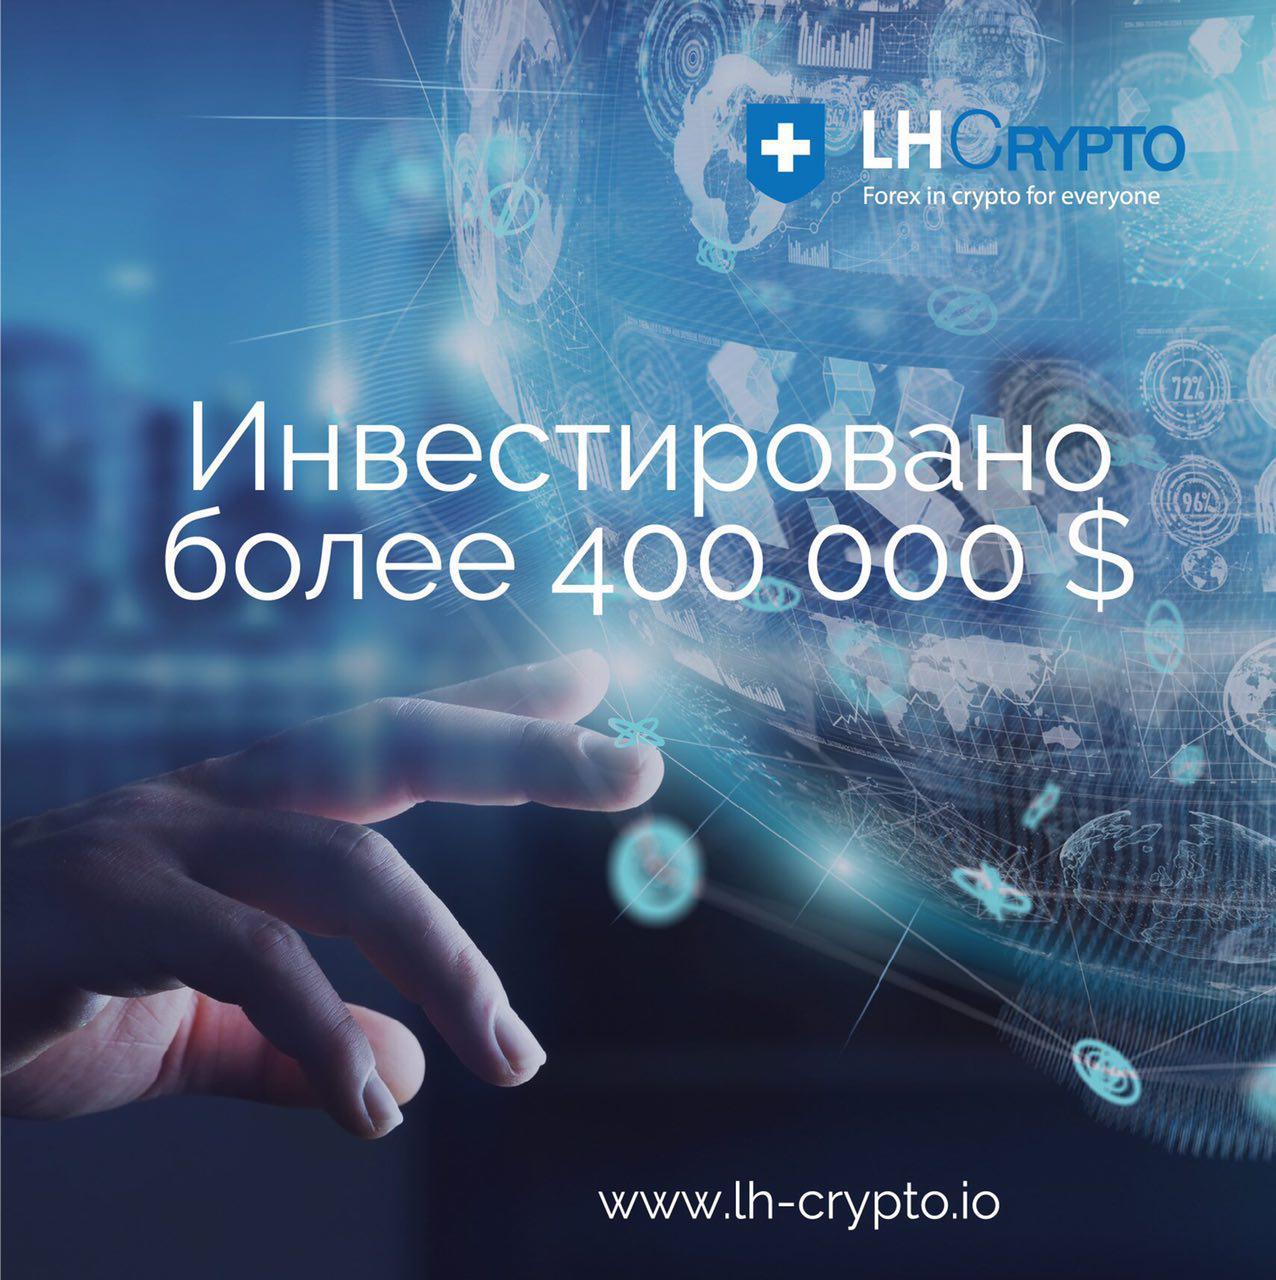 Lhcrypto_рус.jpg